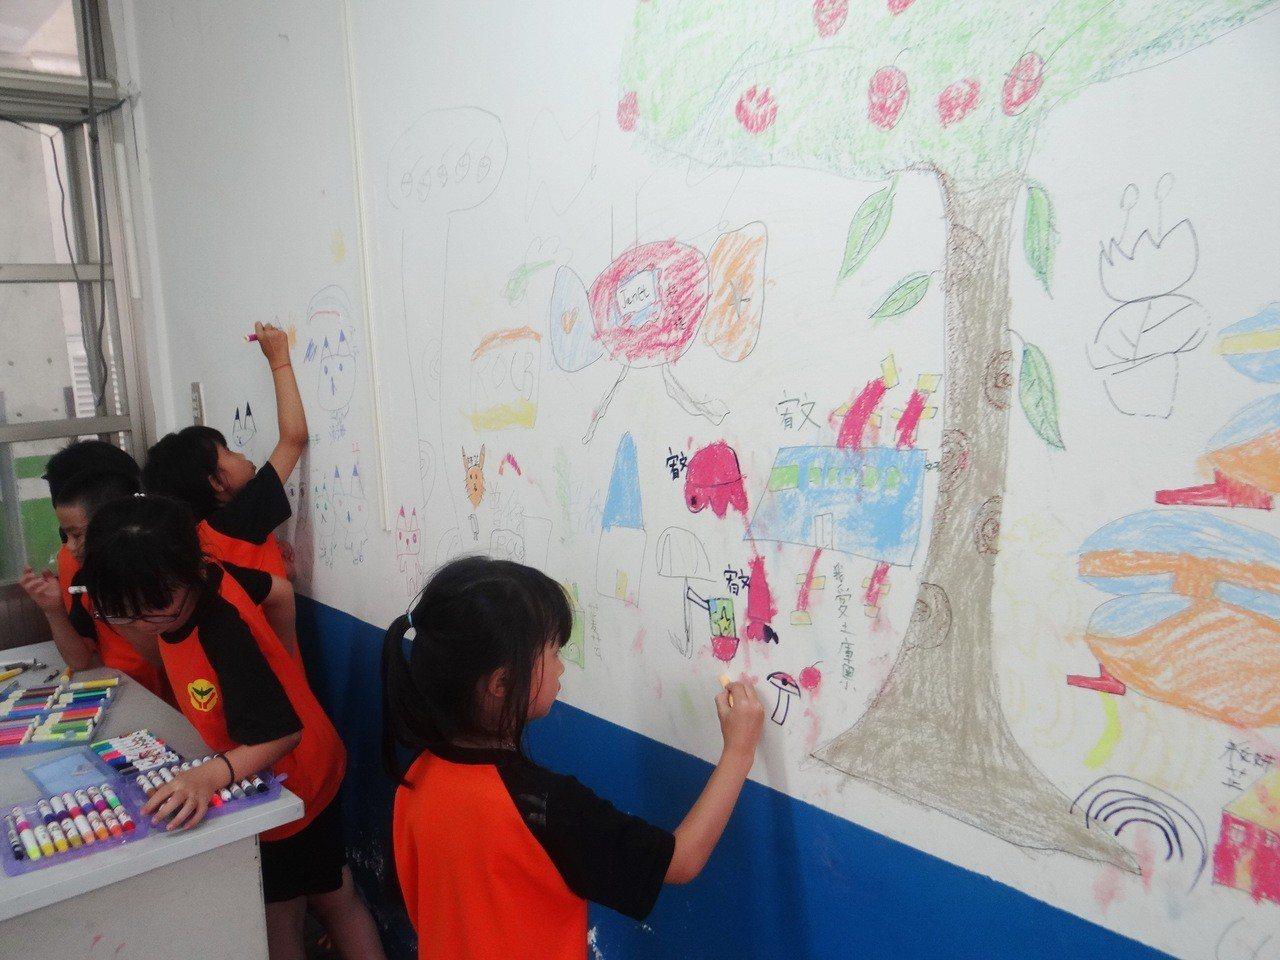 土庫國小舊教室將拆除重建,小朋友用塗鴨表達對教室爺爺的愛與懷念。記者蔡維斌/攝影